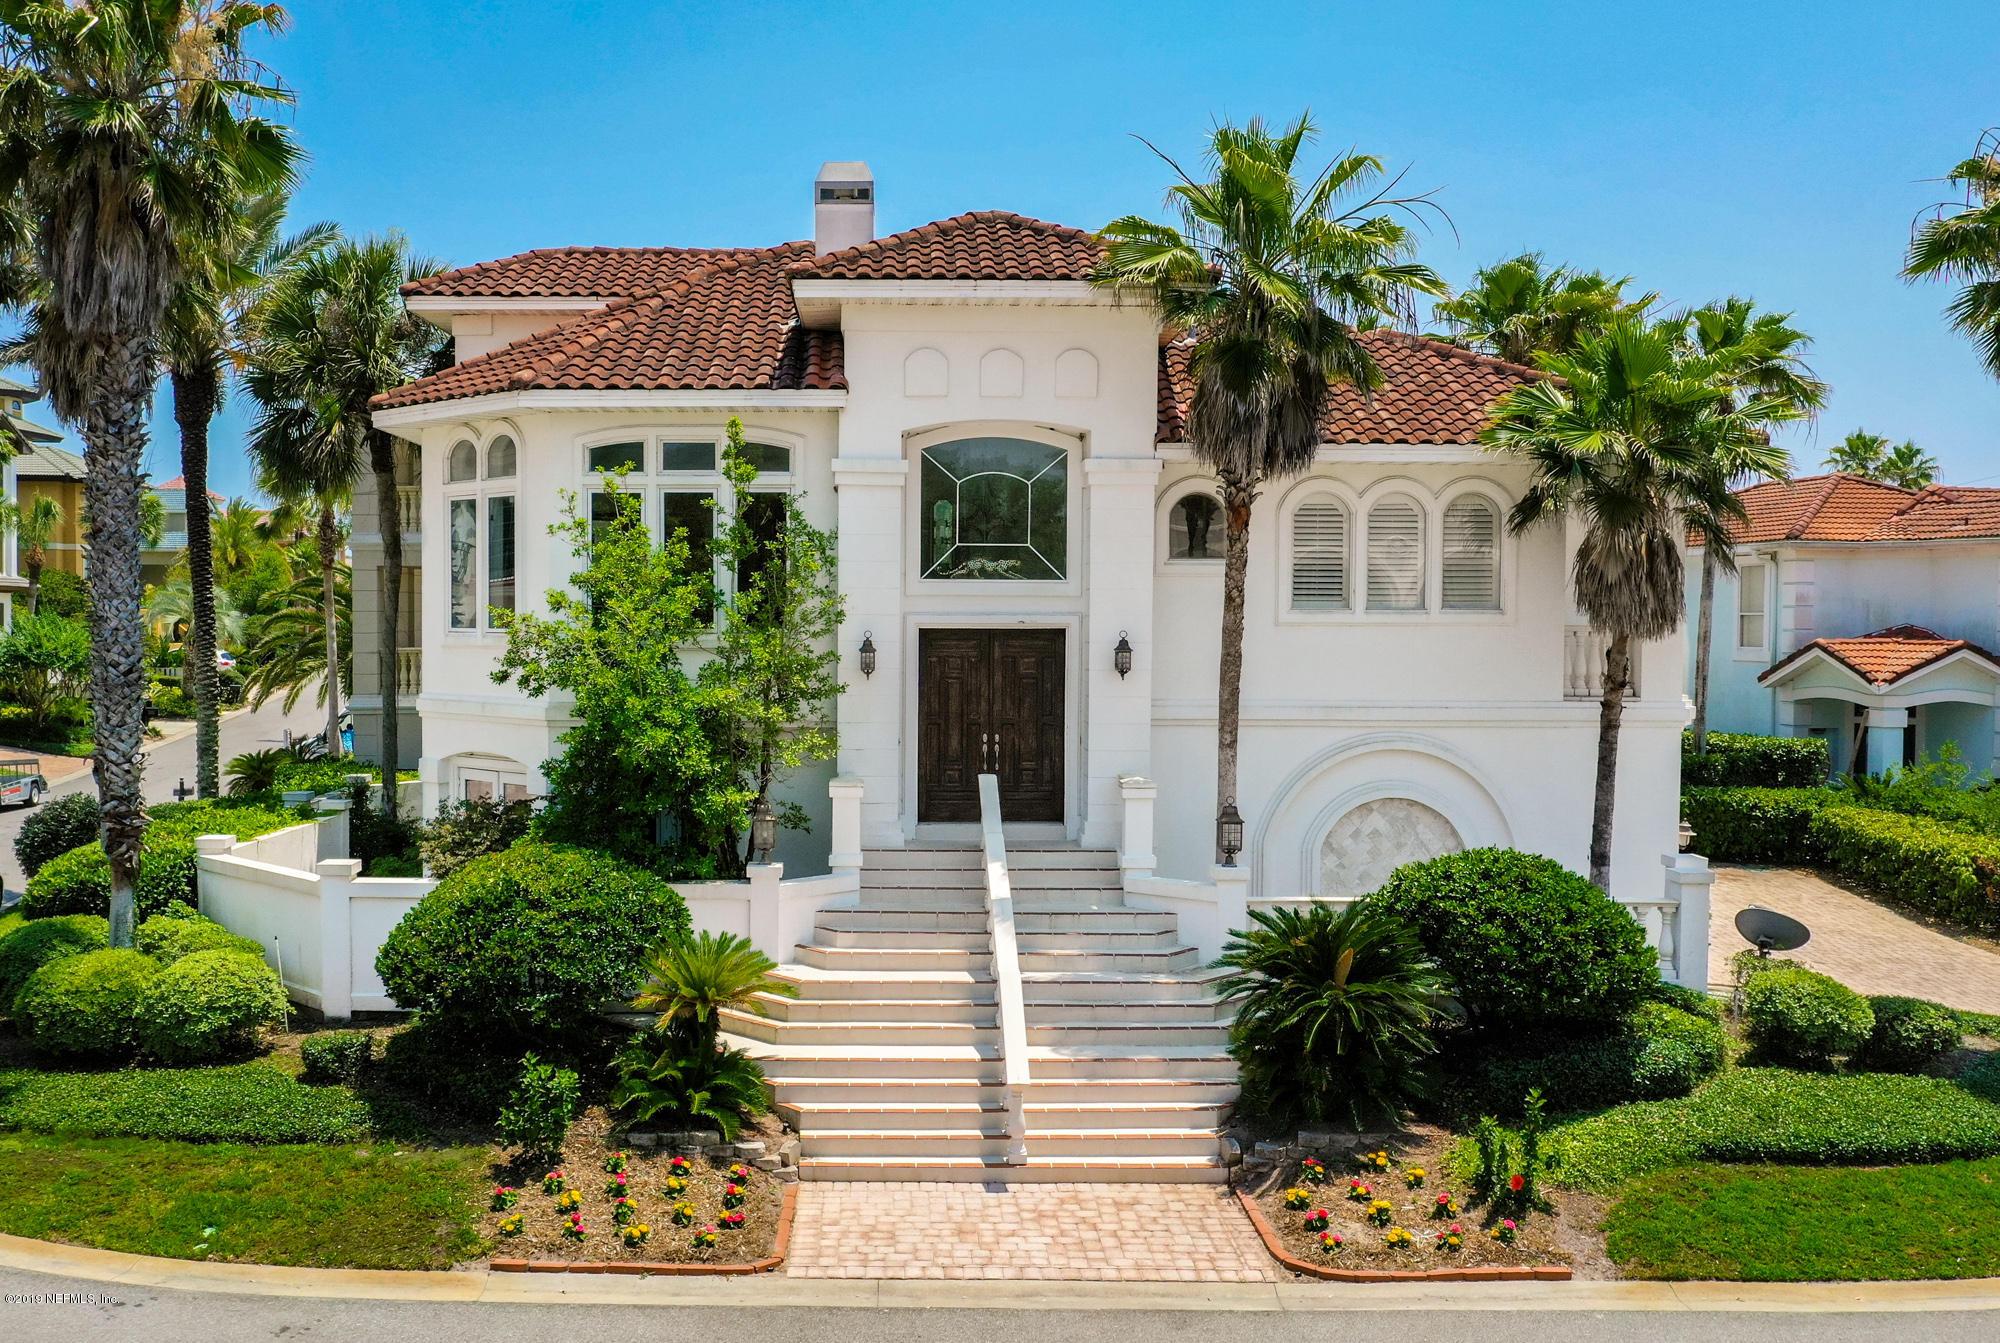 2220 ALICIA, ATLANTIC BEACH, FLORIDA 32233, 3 Bedrooms Bedrooms, ,3 BathroomsBathrooms,Residential - single family,For sale,ALICIA,998467